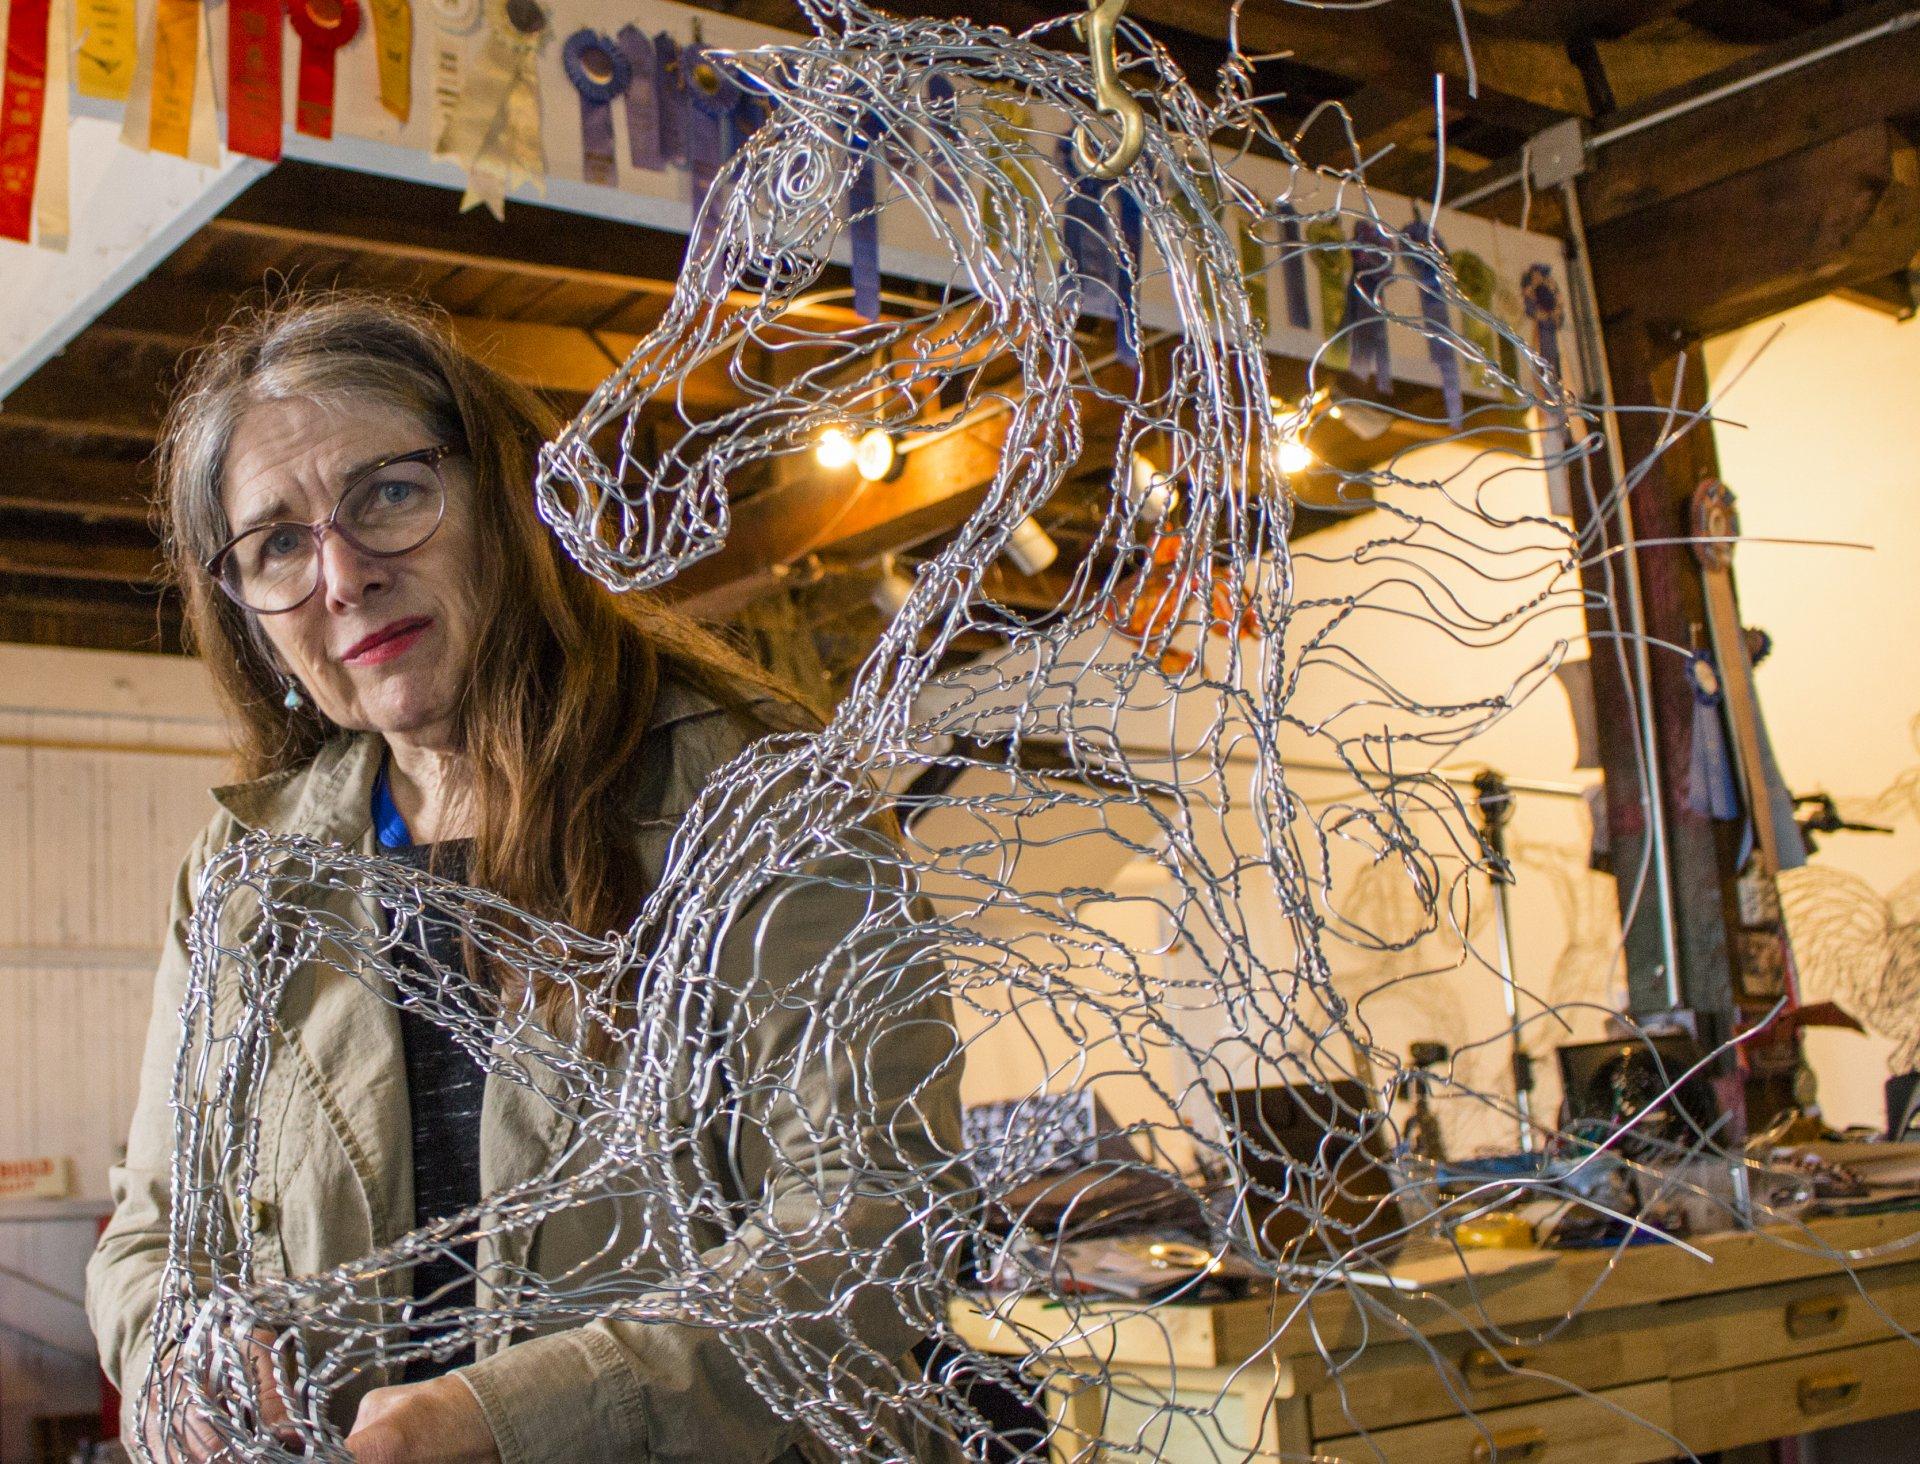 The Godmother of wire sculpture, Elizabeth Berrien in her studio on C street in Eureka, CA., Oct. 28, 2017. | Robert Brown